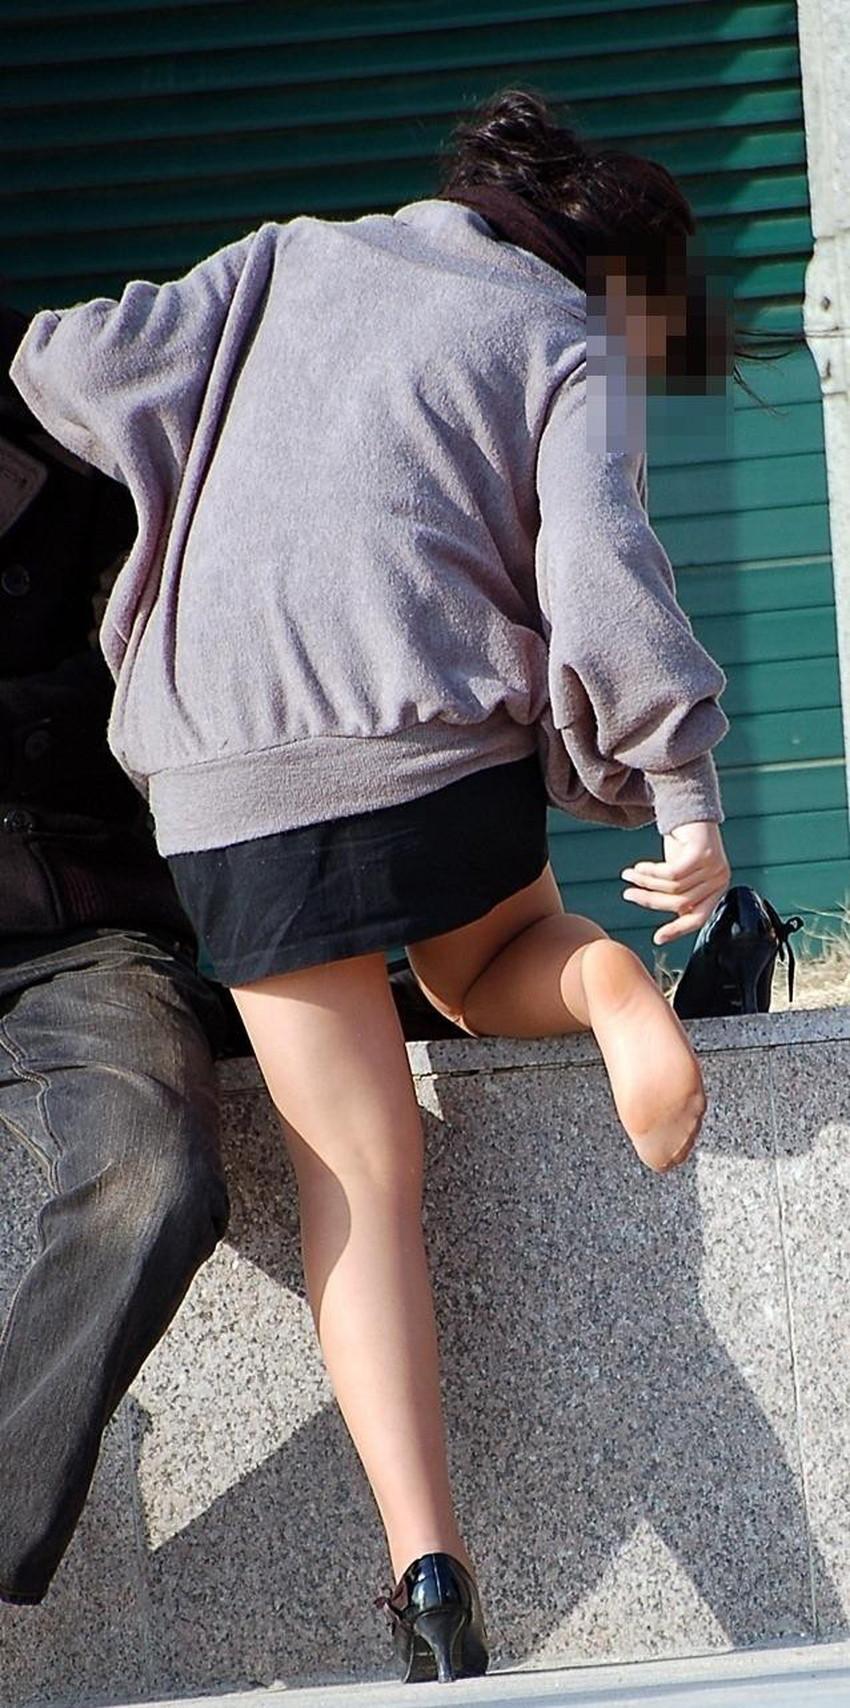 【膝裏フェチエロ画像】美少女JKや美脚お姉さんの膝裏は国宝級のエロさ!ww膝裏やもも裏を舐めてちんぽを擦りつけてる膝裏フェチのエロ画像集!ww【80枚】 55